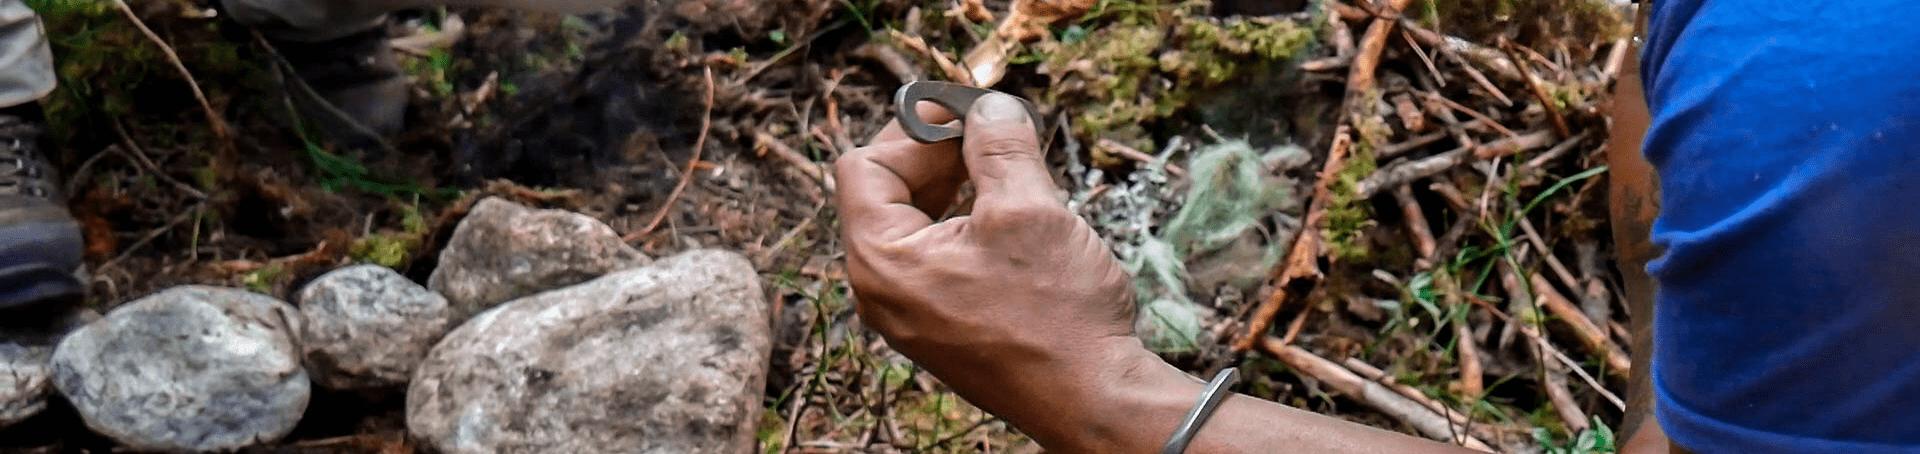 Beim Survival Training mit einem Feuereisen selber Feuer machen